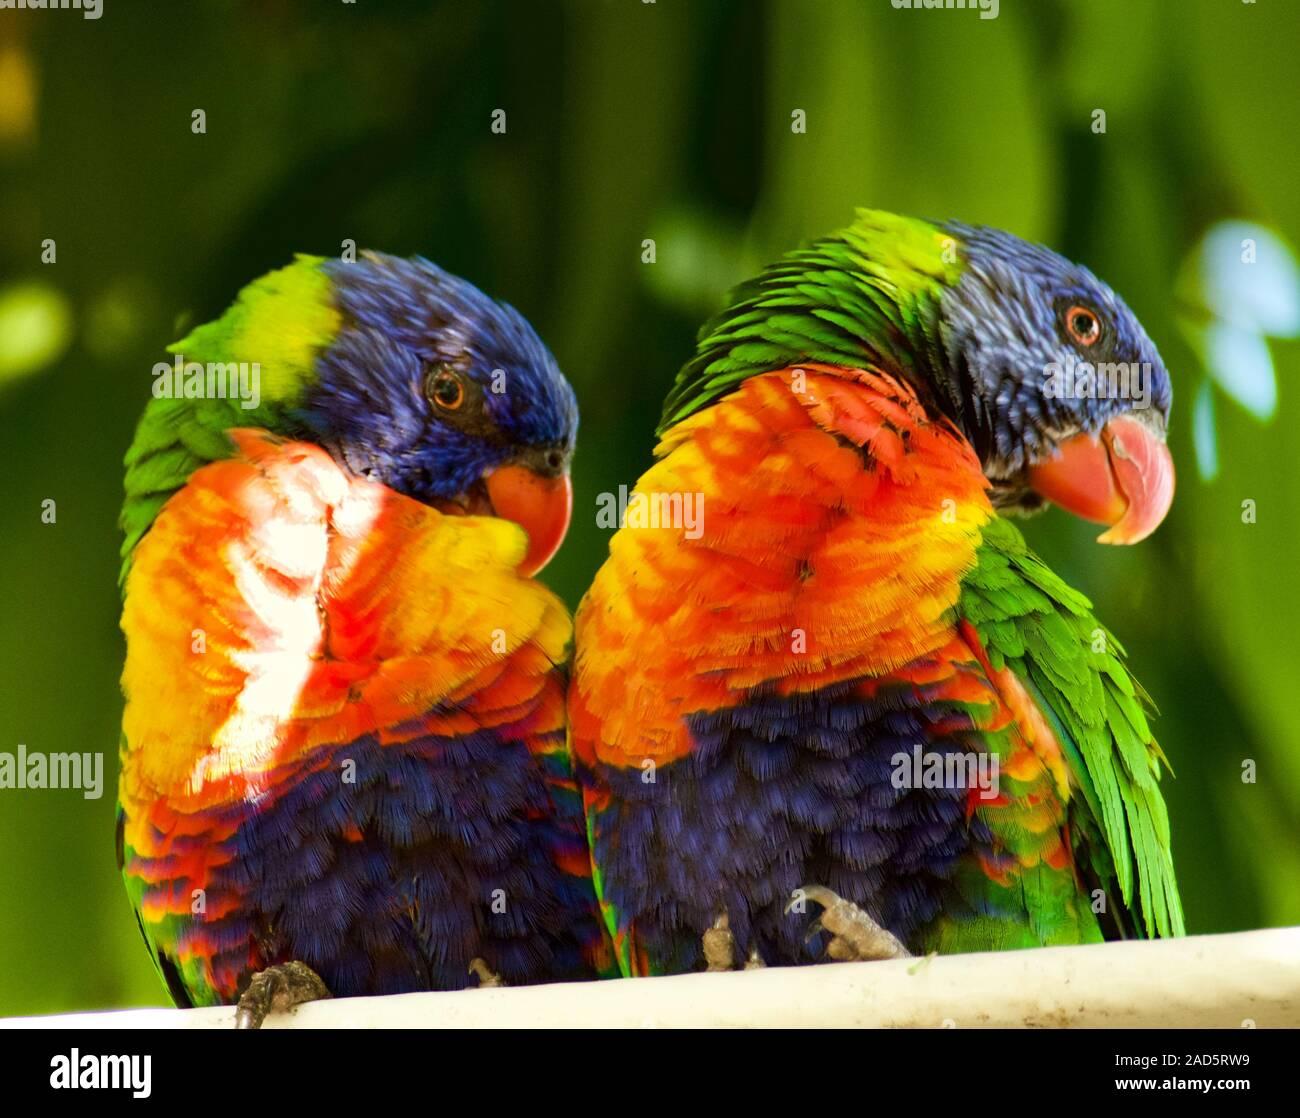 Rainbow loriquets verts australiens Trichoglossus haematodus. Trouvés à Hamilton Island, Whitsundays, Australie. Banque D'Images